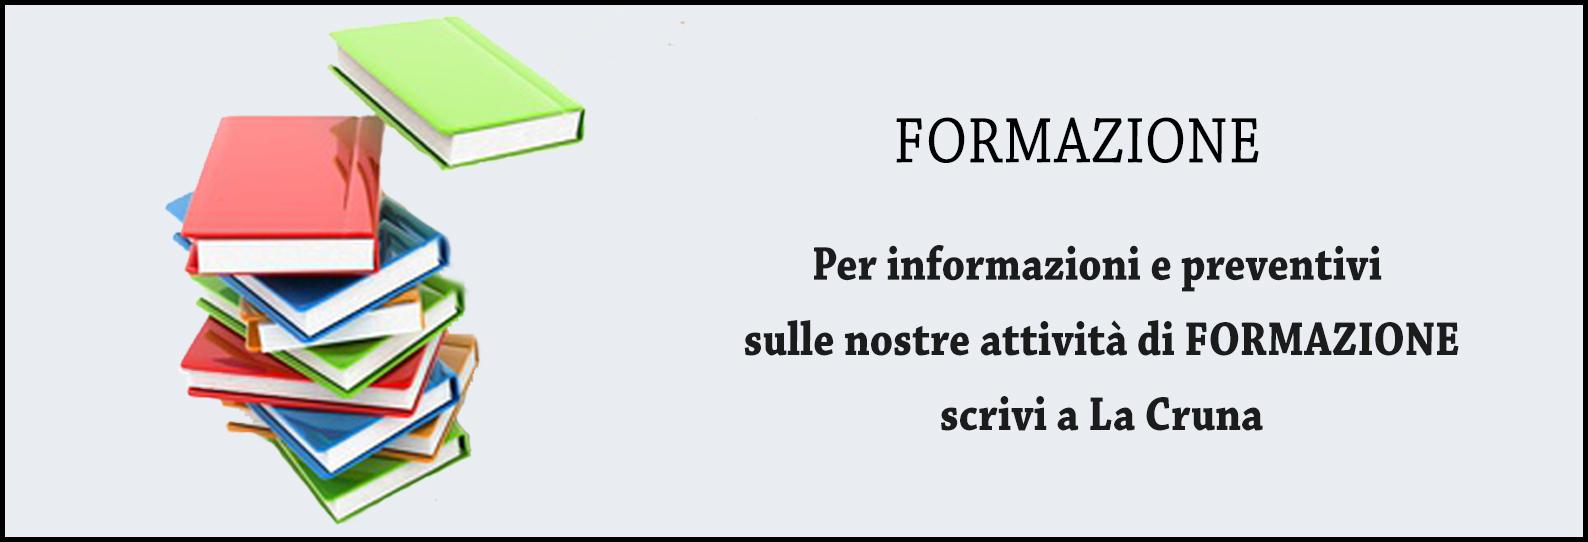 LaCruna_sito pll_banner_formazione